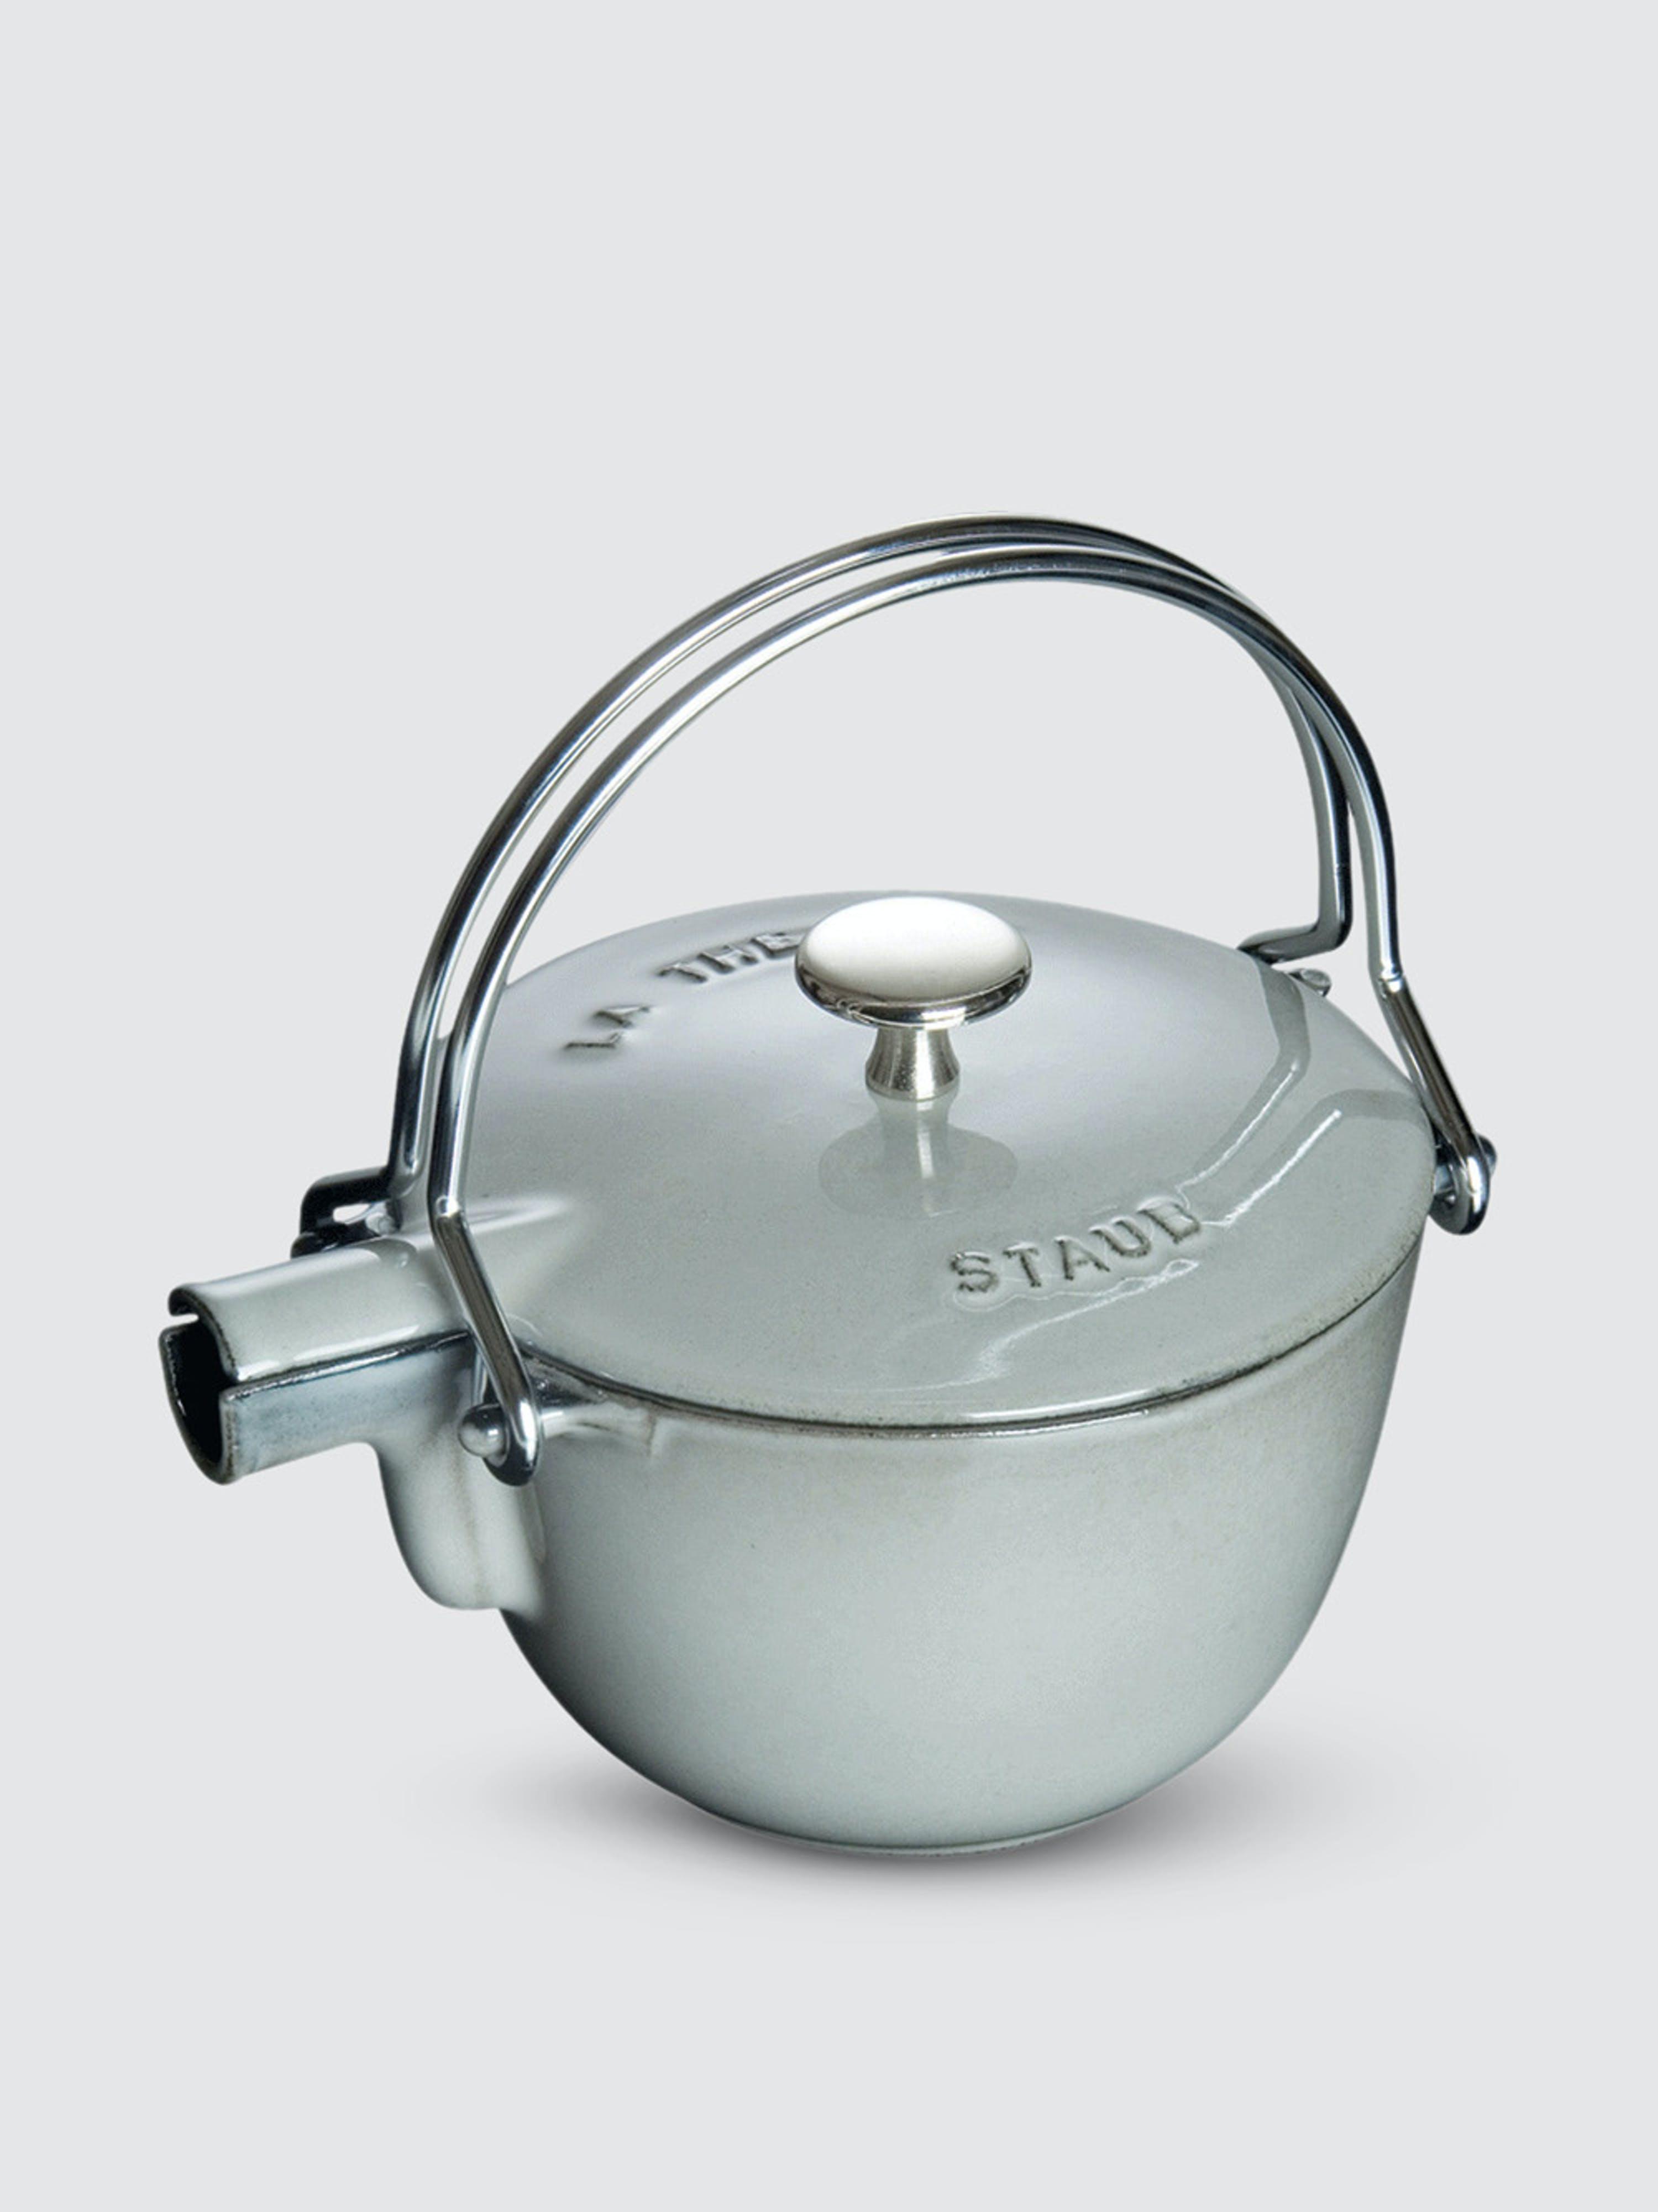 Staub - Verified Partner 1-Qt Round Tea Kettle  - Grey